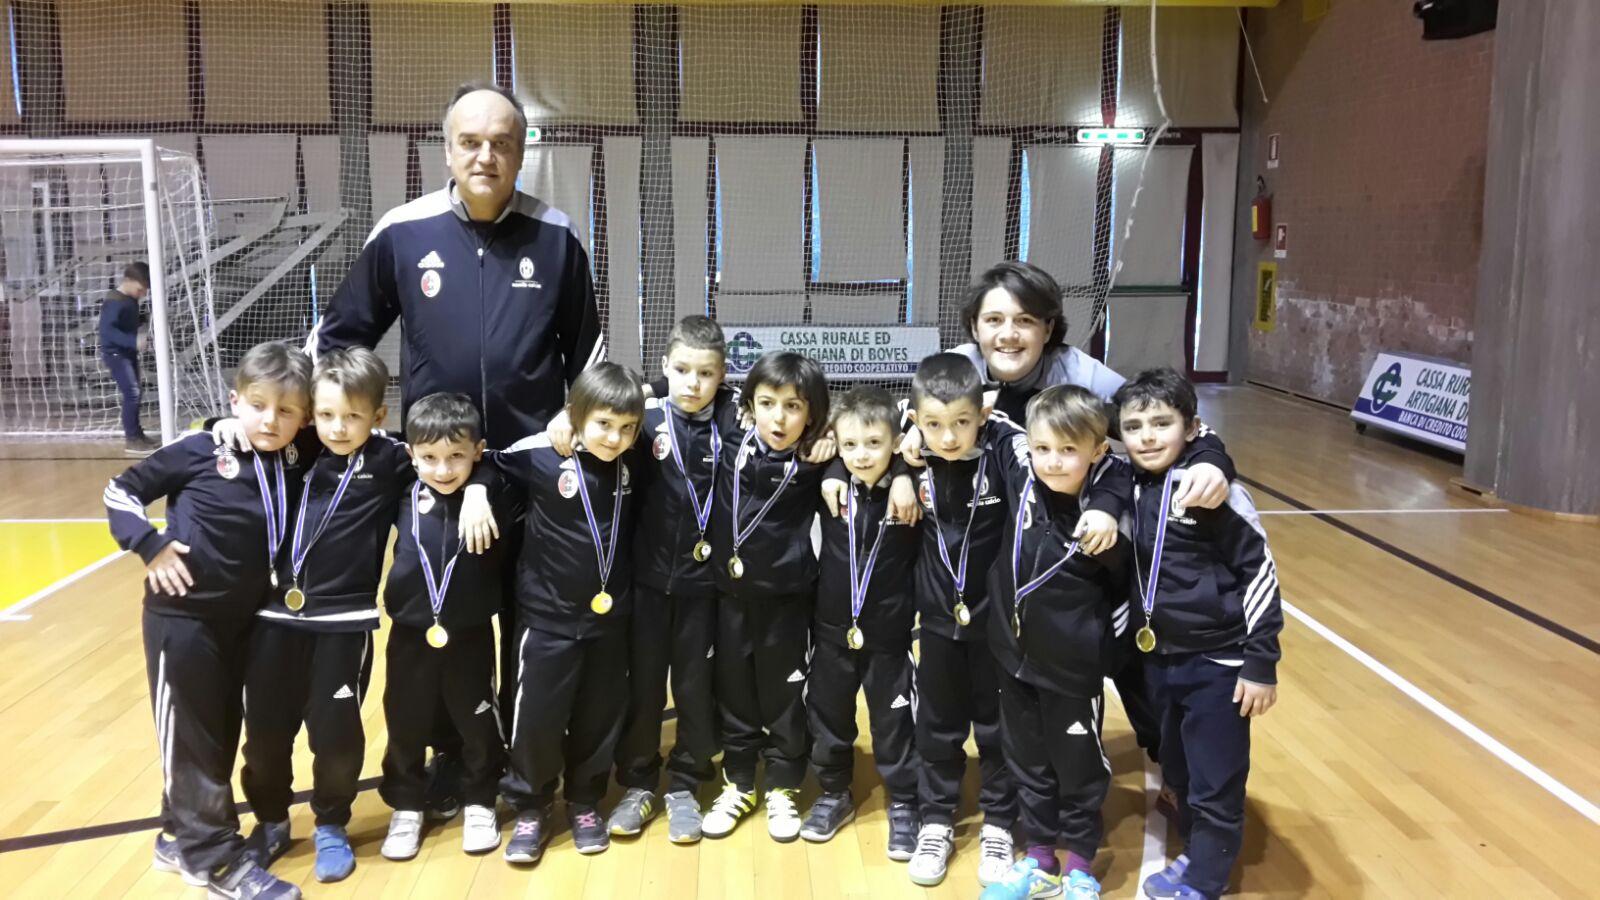 La Guida - Gran finale a Boves nel torneo Giovani Campioni